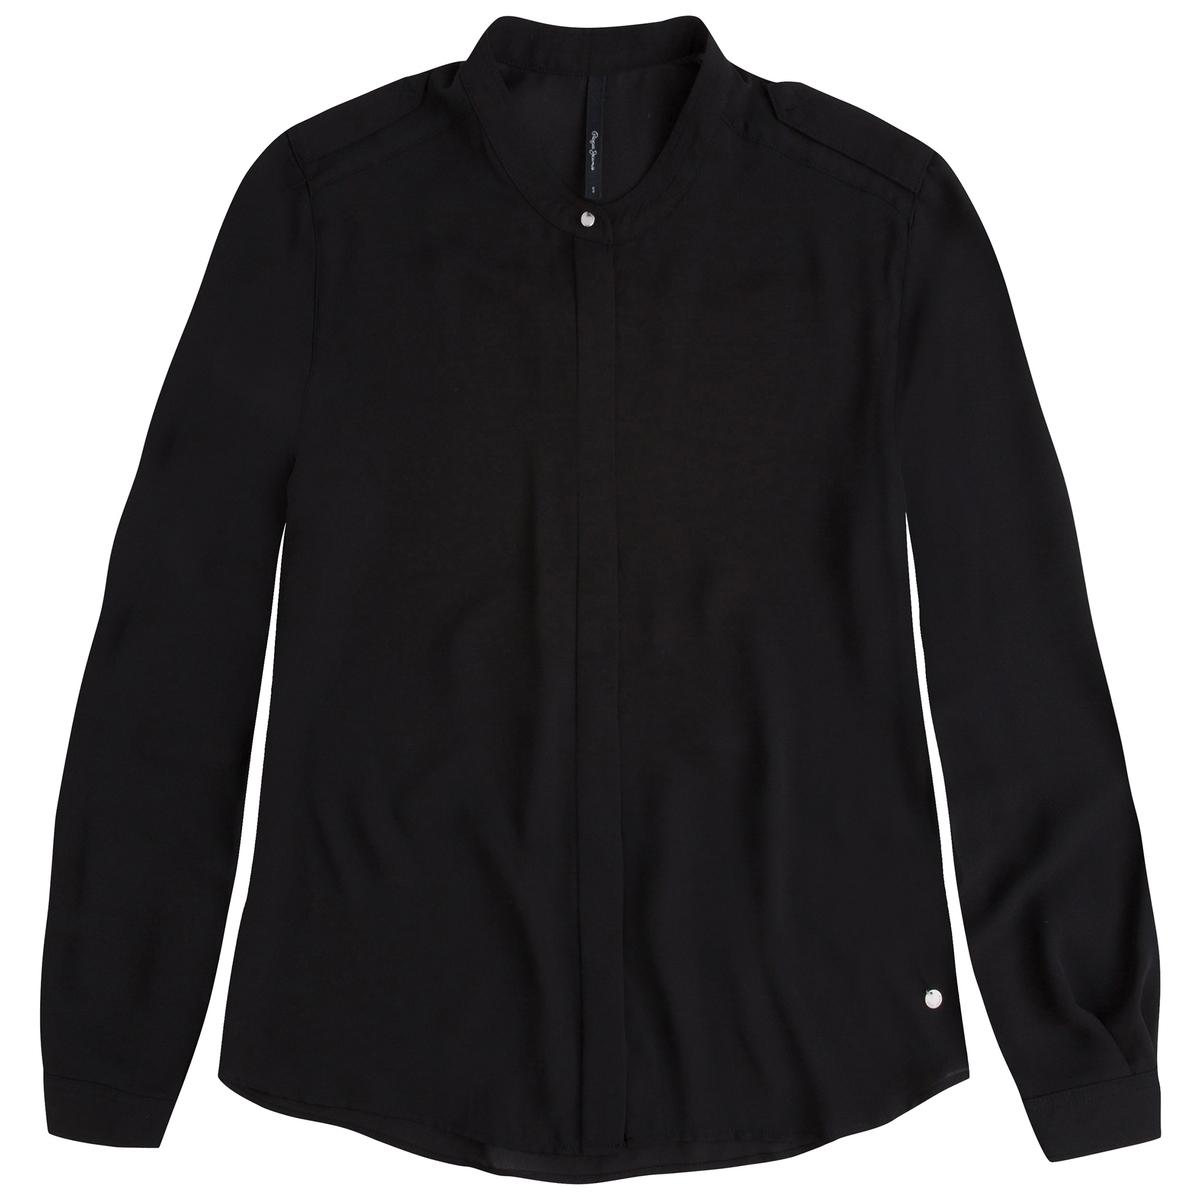 Рубашка с рисунком в клетку SISY, длинный рукавРубашка с длинным рукавом SISY от PEPE JEANS. Прямой покрой. Воротник-стойка. Супатная застежка на пуговицы.  Состав и описаниеМарка: PEPE JEANS.Модель: SISY.Материал: 100% полиэстер.<br><br>Цвет: черный<br>Размер: XL